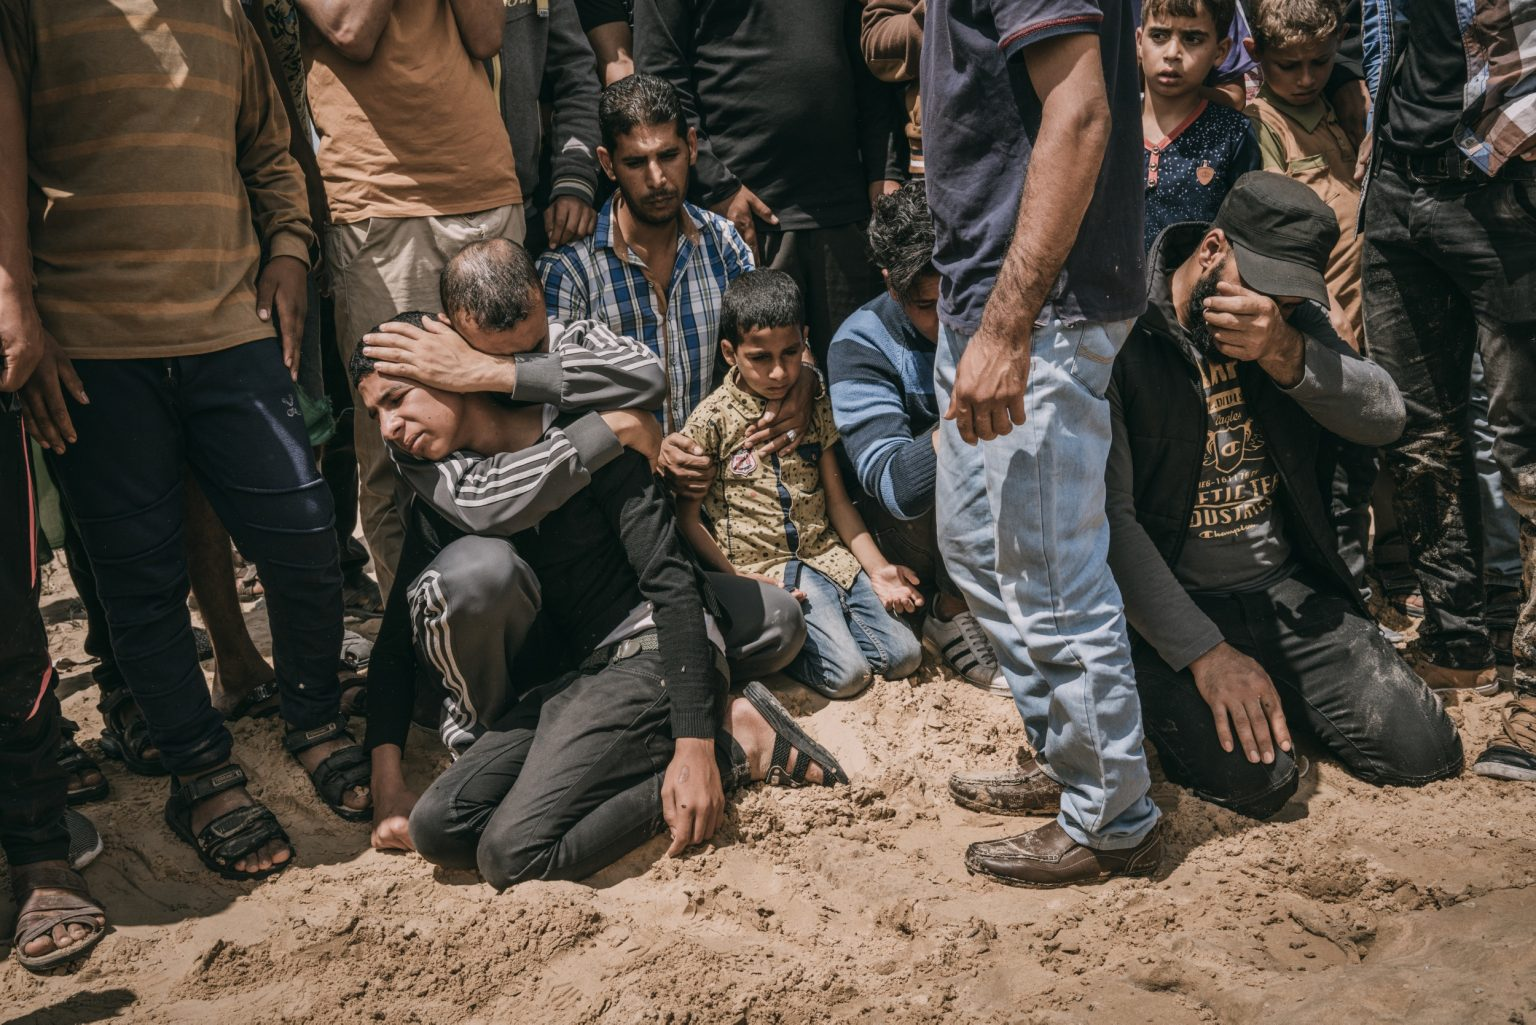 Khan Younis, Gaza Strip, May 2018 - Relatives and friends of 40 year-old Palestinian Jaber Abu Mustafa, killed at the Israel-Gaza border during the protests, mourn his body. >< Khan Younis, Striscia di Gaza, maggio 2018 - Parenti e amici ai funerali di Jaber Abu Mustafa, un uomo palestinese di 40 anni, ucciso durante le proteste lungo il confine tra Gaza e Israele.